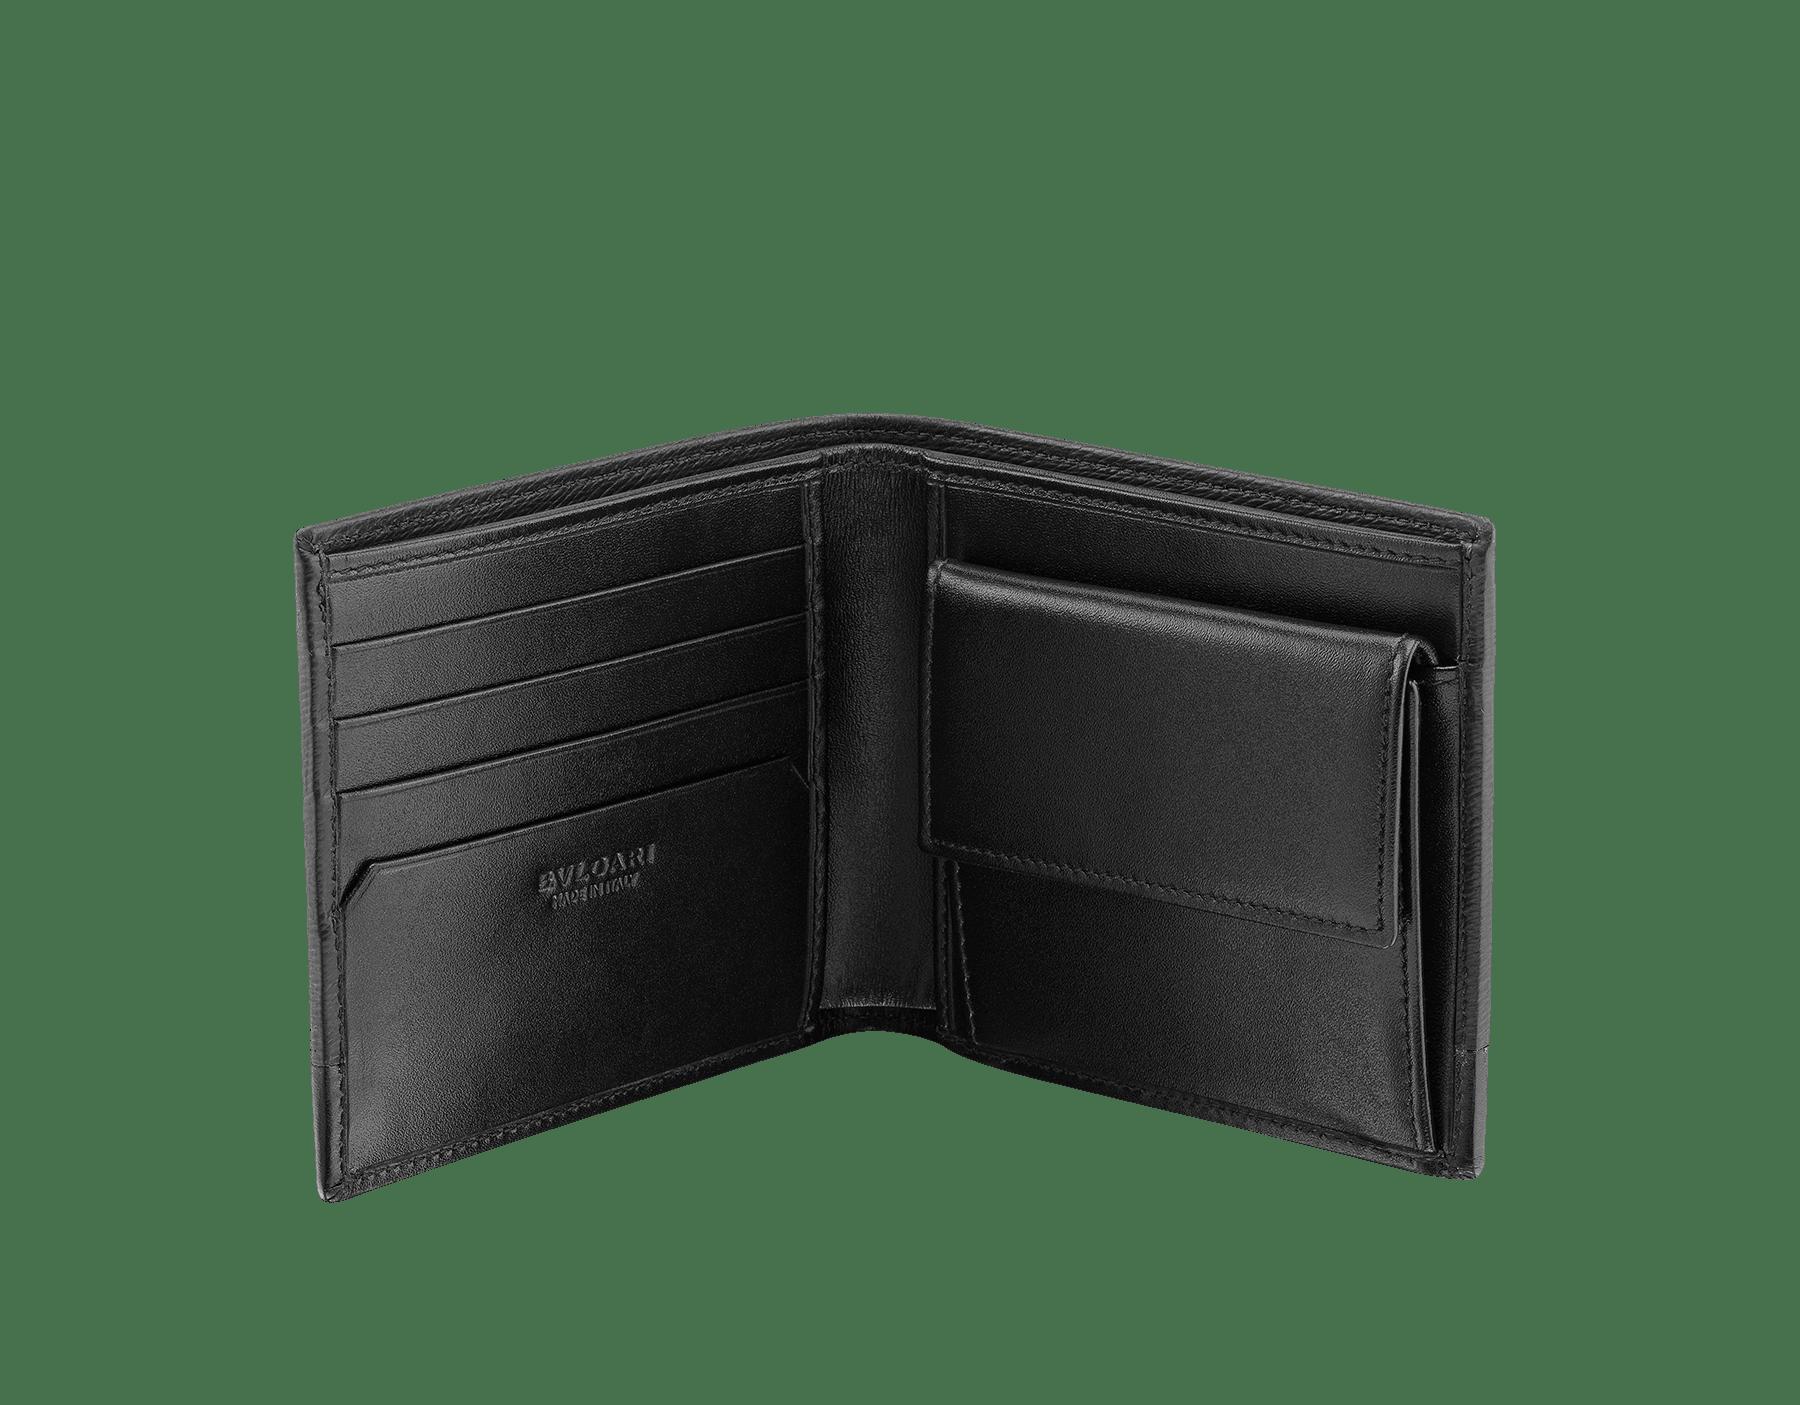 Kompaktes Serpenti Scaglie Herren-Portemonnaie aus jadegrünem aufgerauten Kalbsleder und schwarzem Kalbsleder. Graviertes Bvlgari Logo auf der sechseckigen Scaglie-Metallplakette mit dunklem Ruthenium-Finish. 581-WLT-ITAL image 2